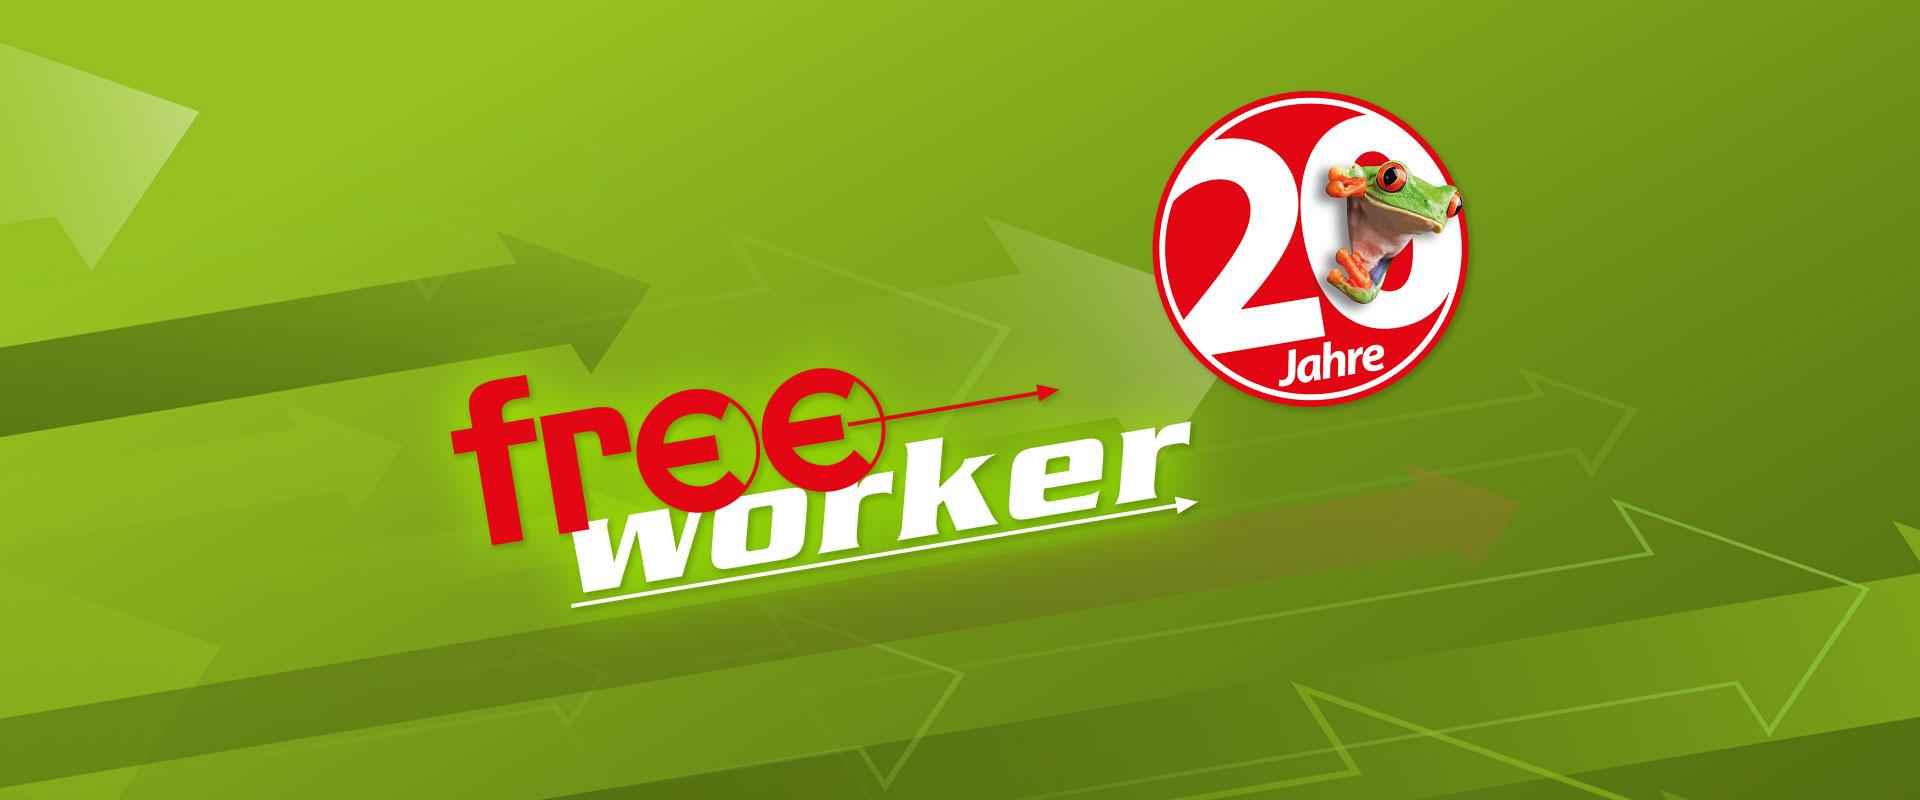 Permalink zu:Freeworker  – 20 Jahre Partner der Baumpfleger